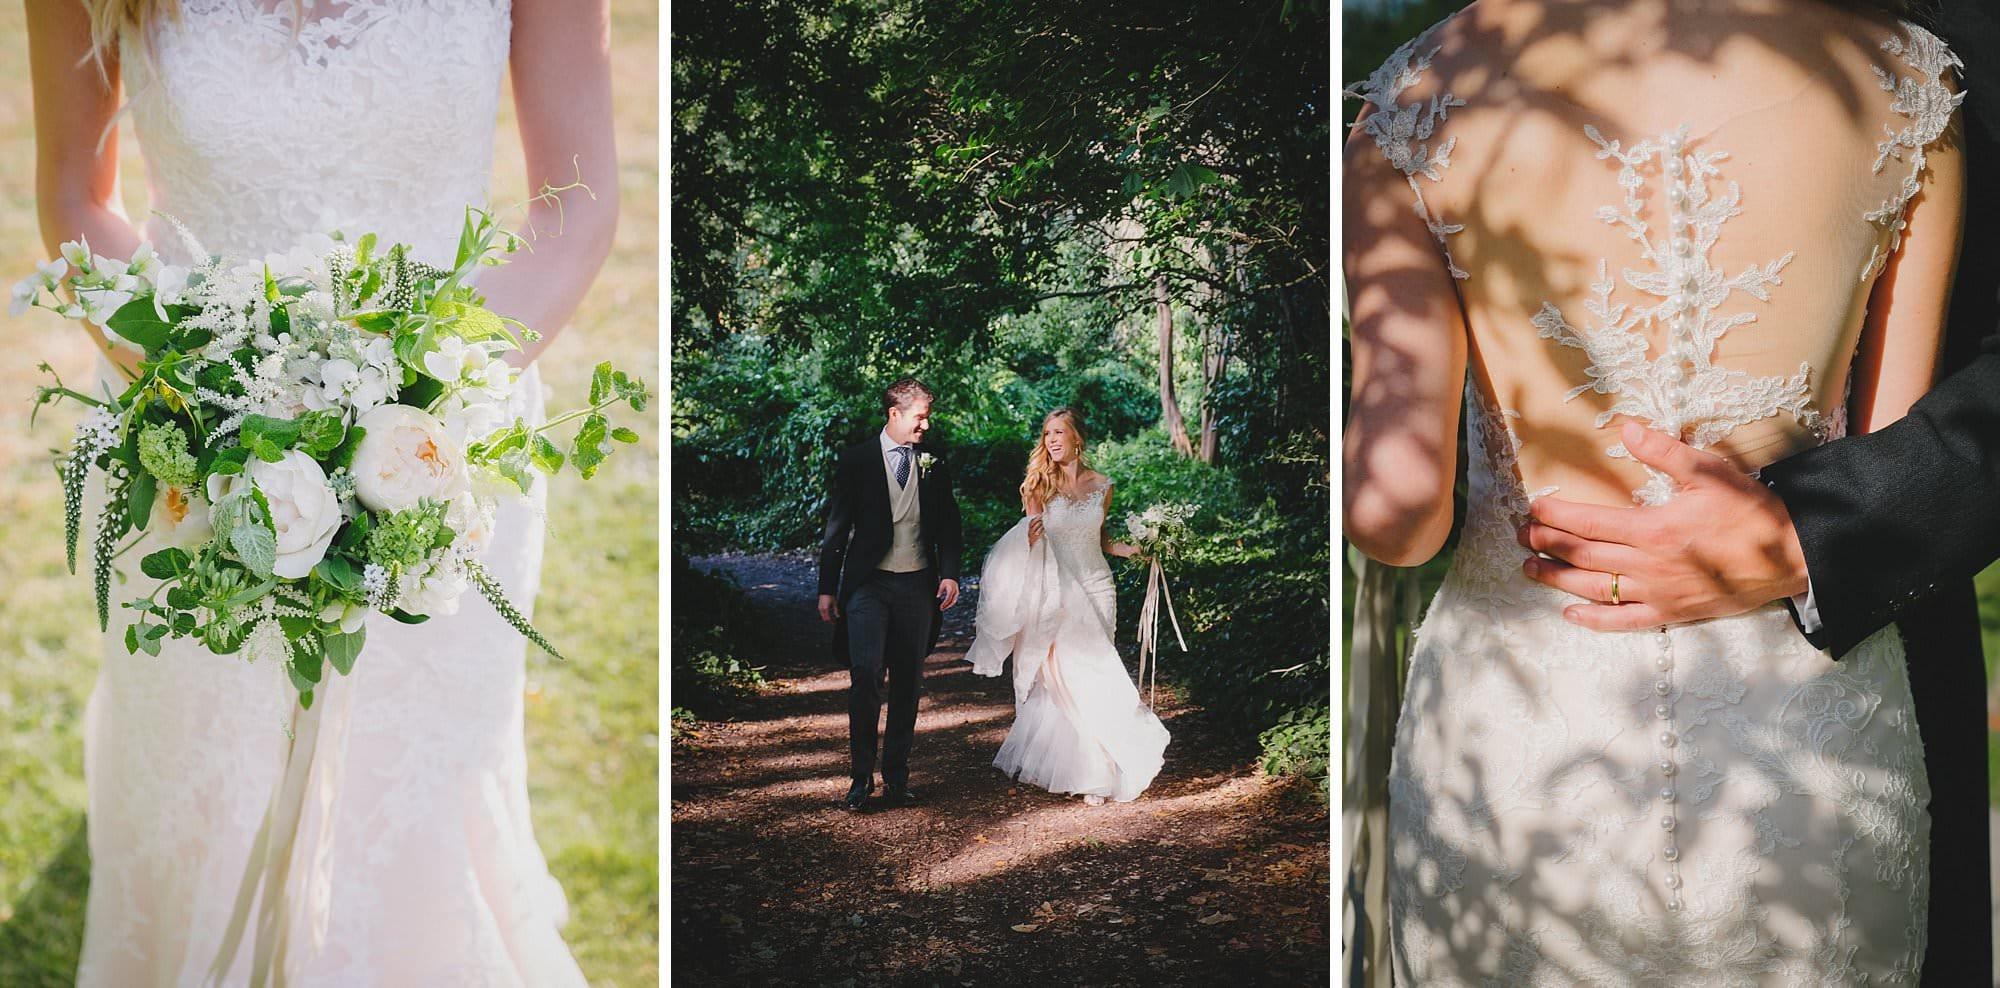 fulham palace wedding photographer 049 - Rosanna + Duncan | Fulham